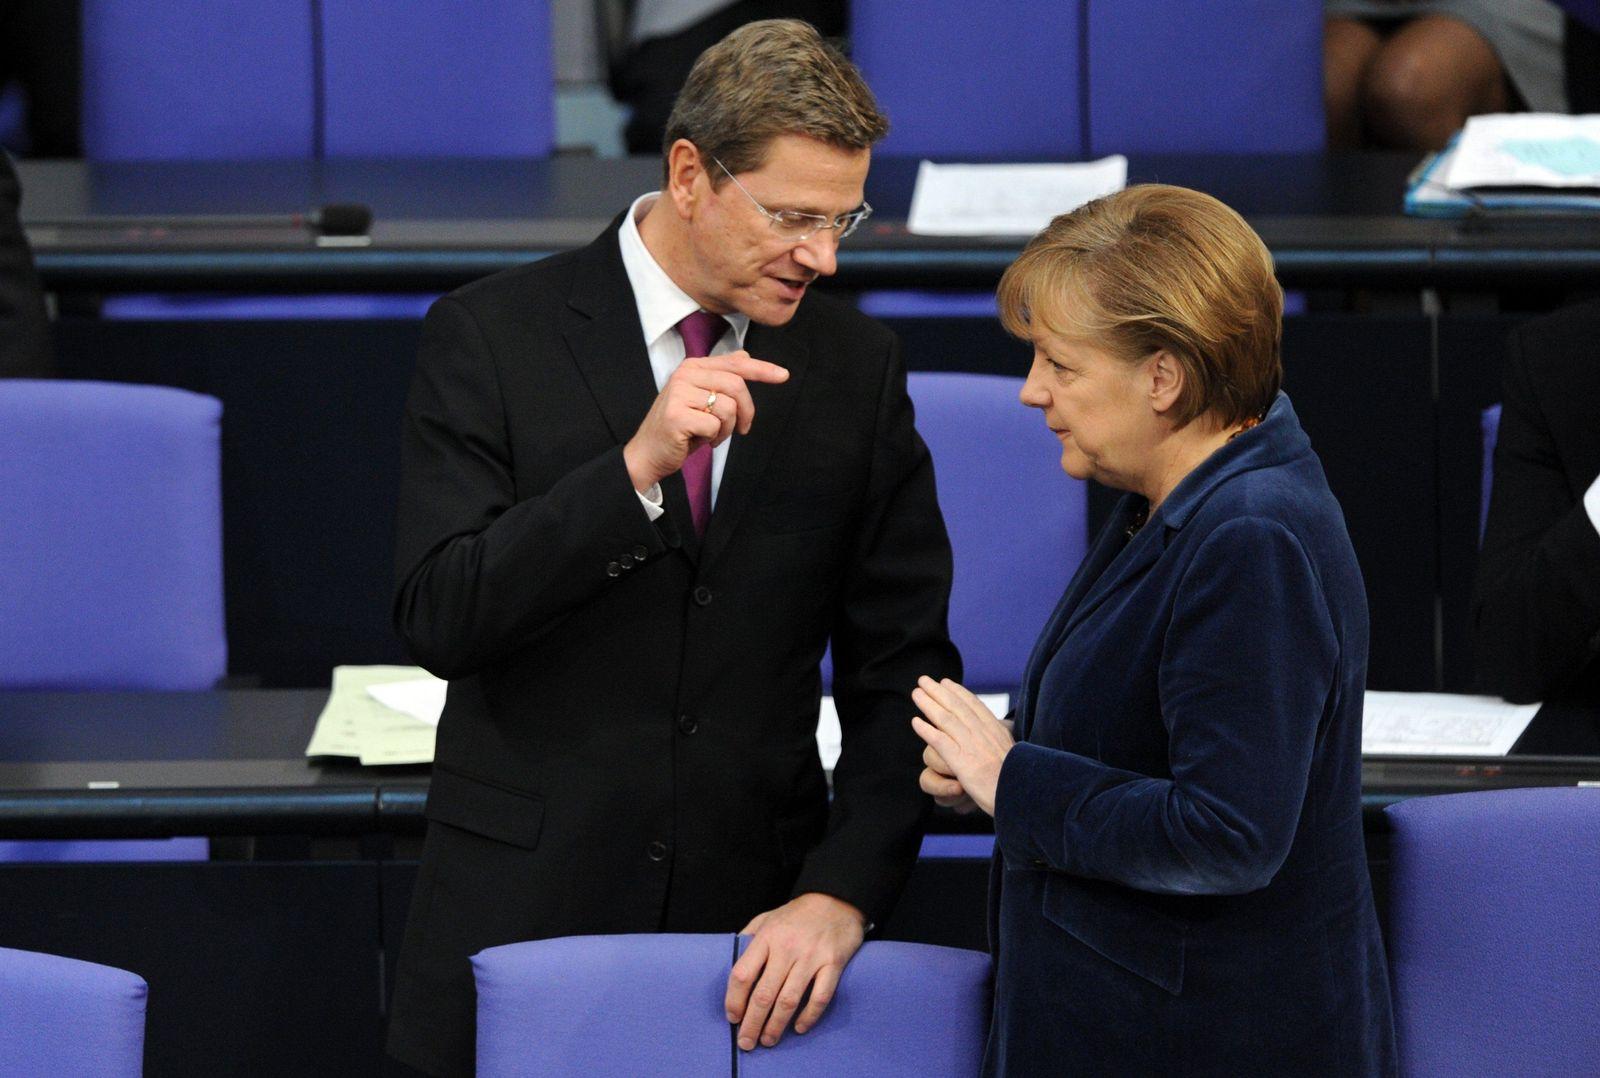 Bundestag / Merkel / Westerwelle